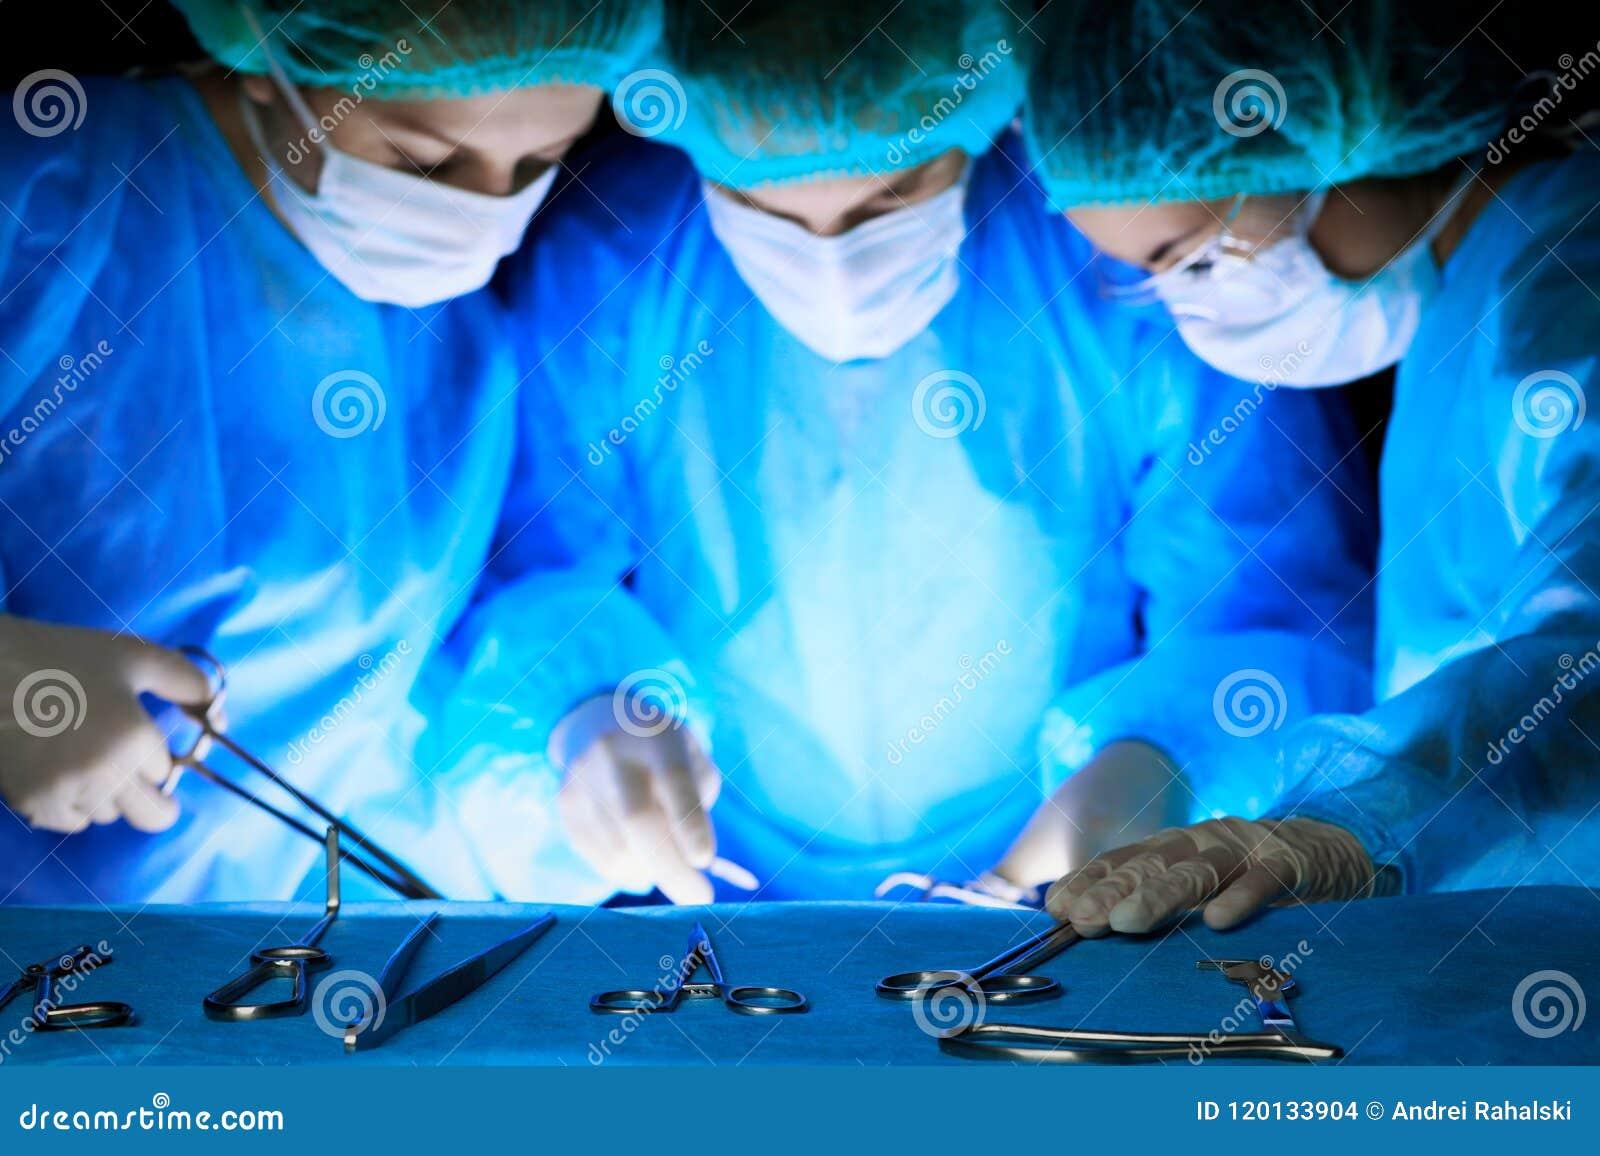 Grupa chirurdzy wykonuje operację w maskach Medycyna, operacja i przeciwawaryjni pomocy pojęcia,